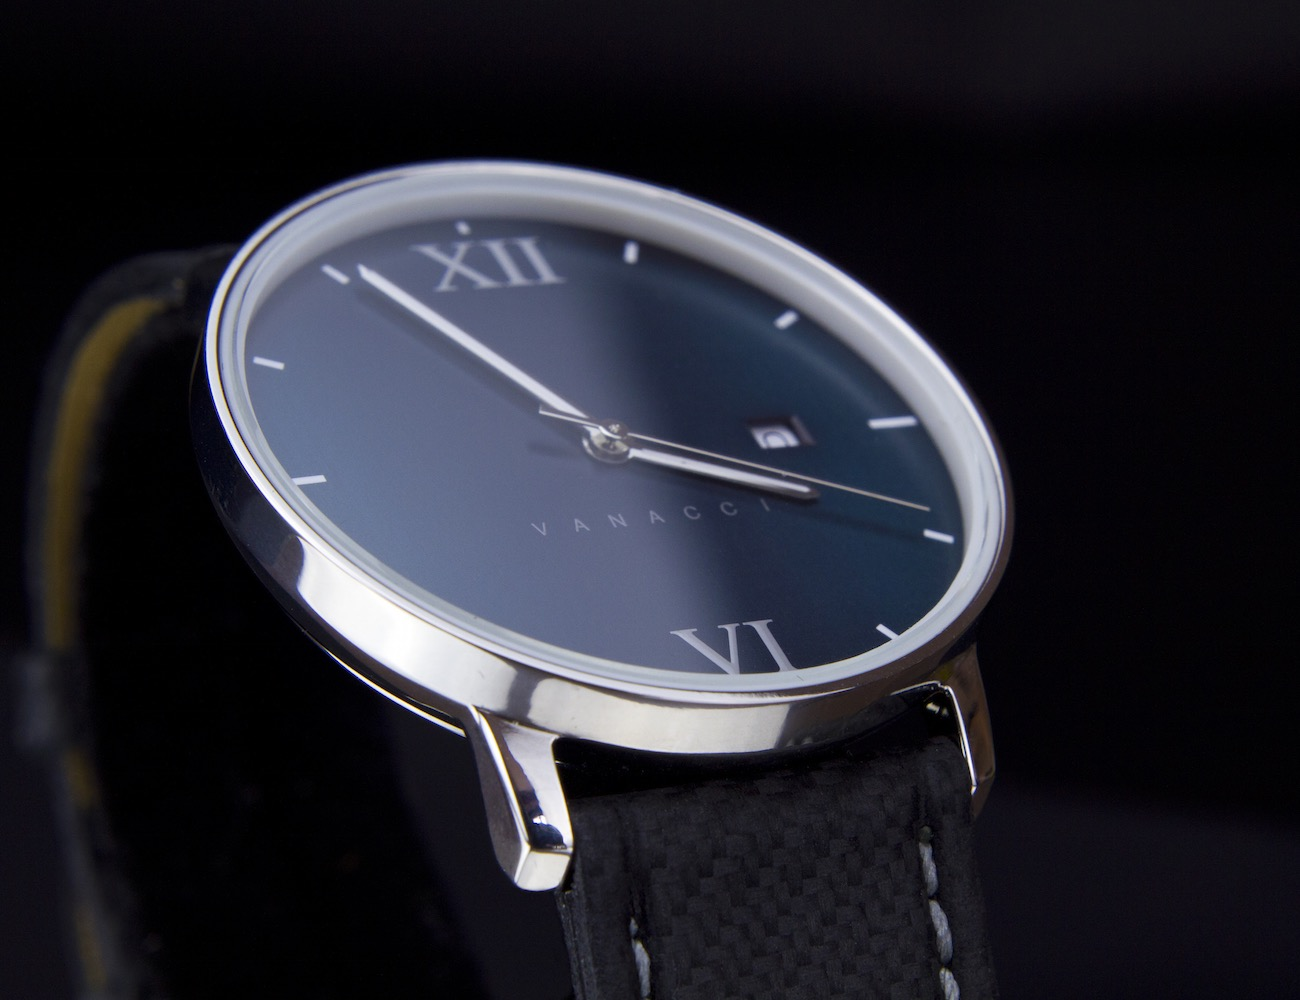 hr-vanacci-watch-1